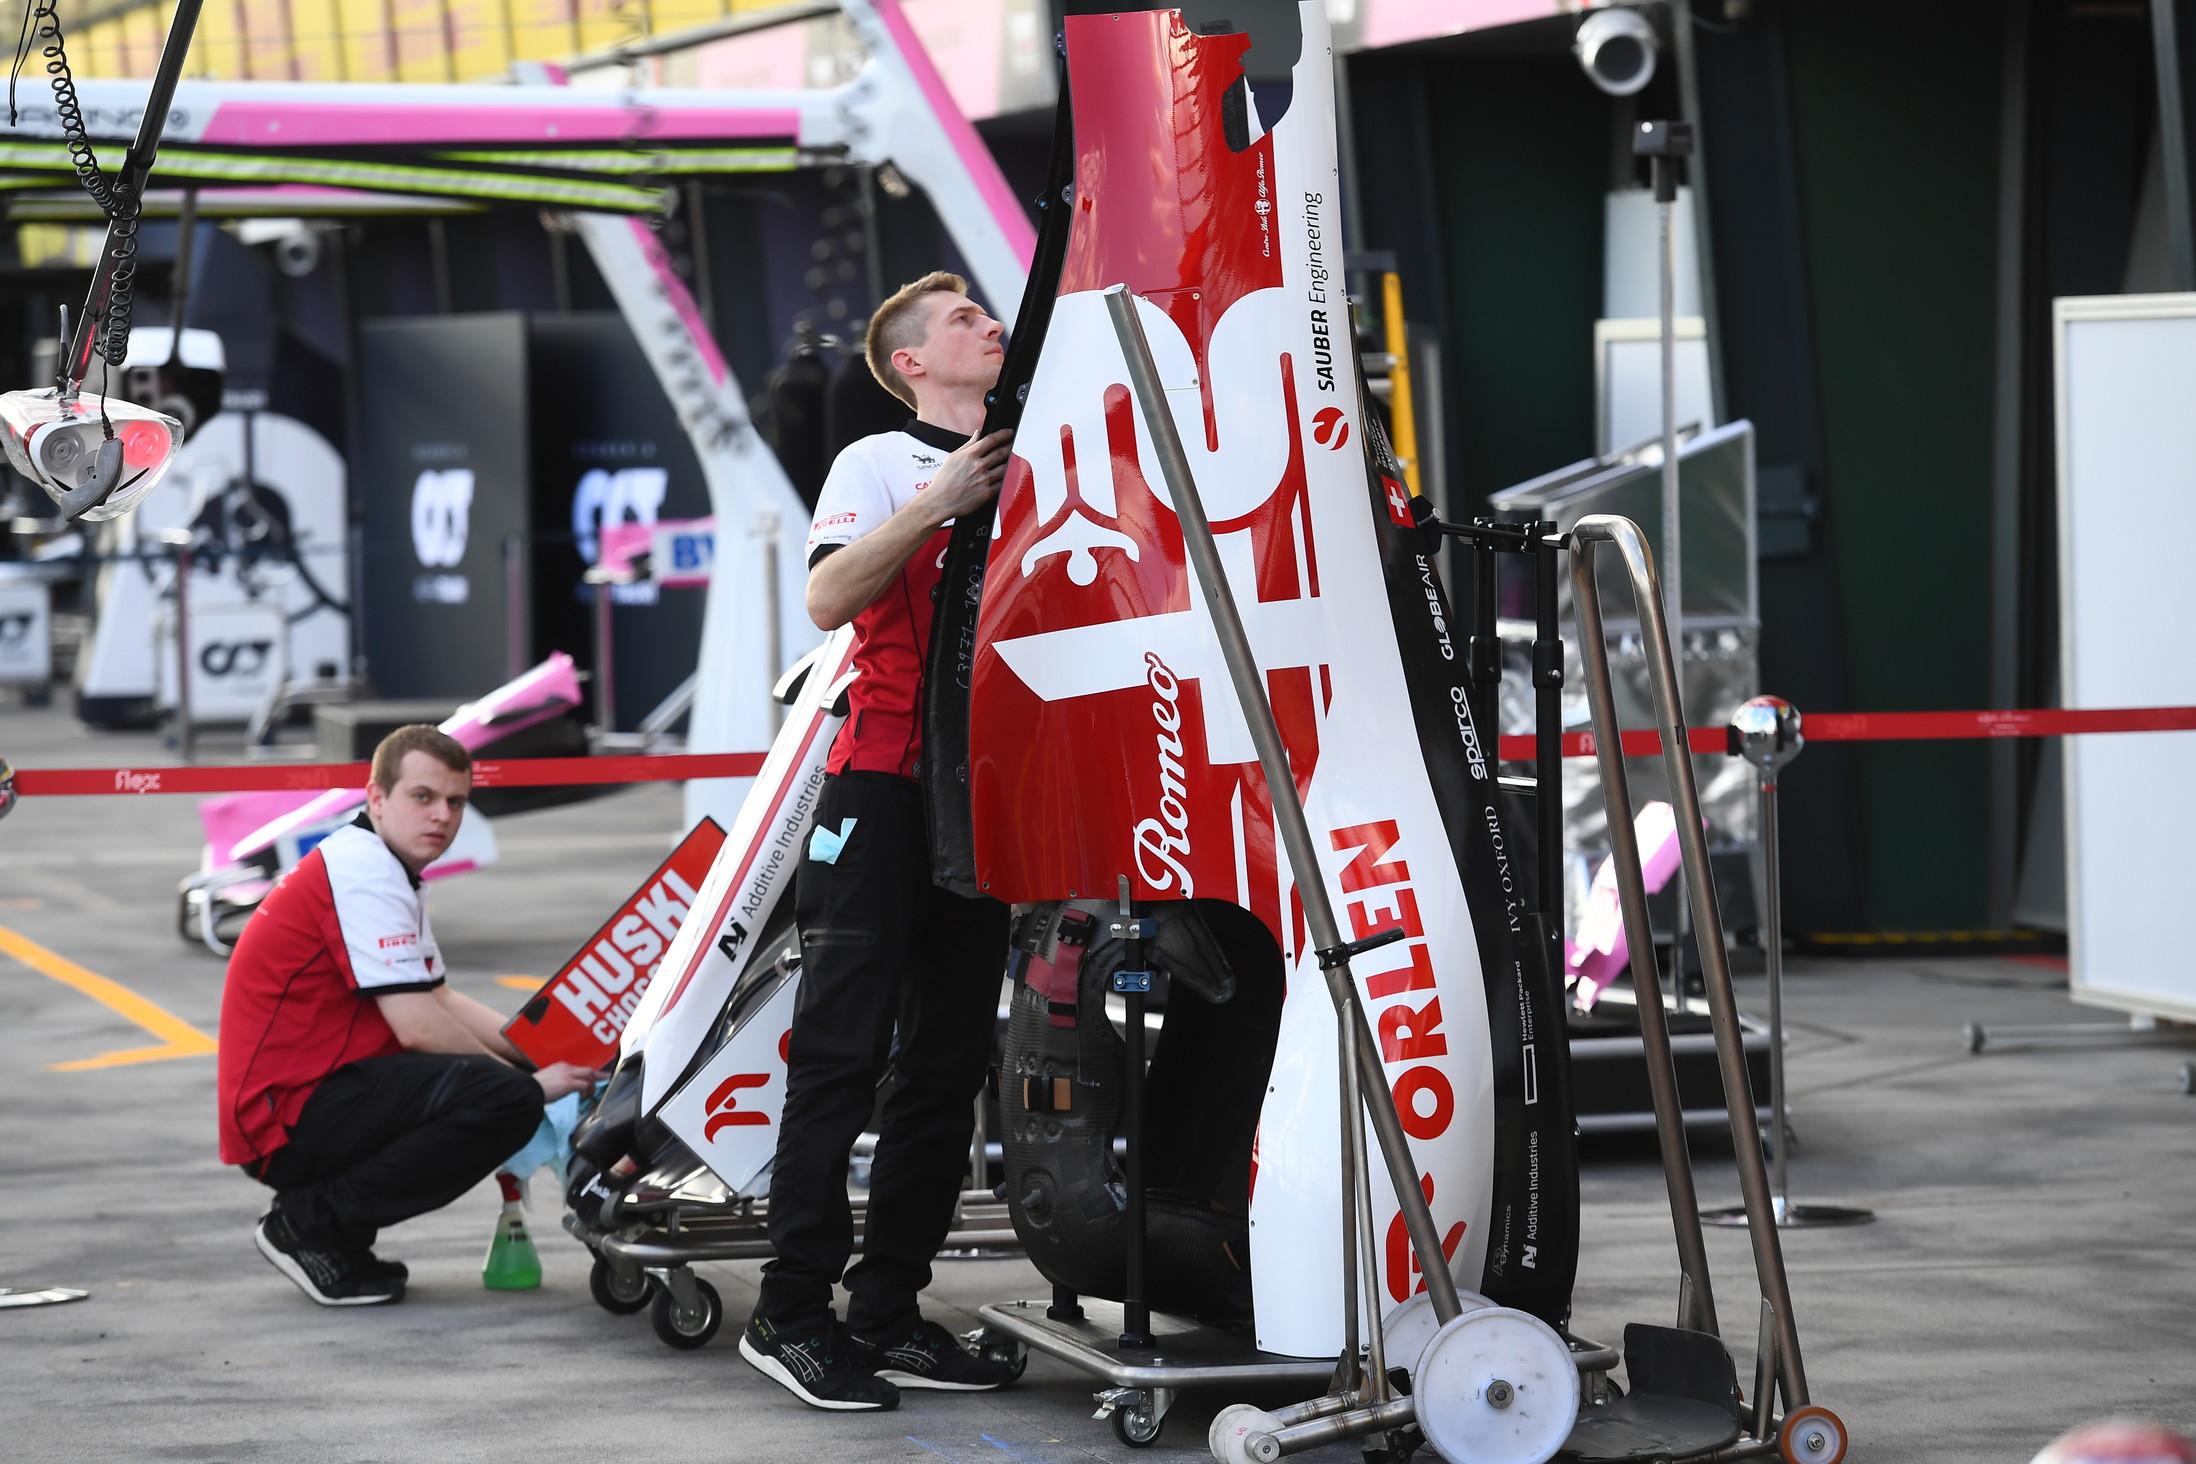 Piloti e squadre sono a Melbourne in vista del primo GP dell'anno